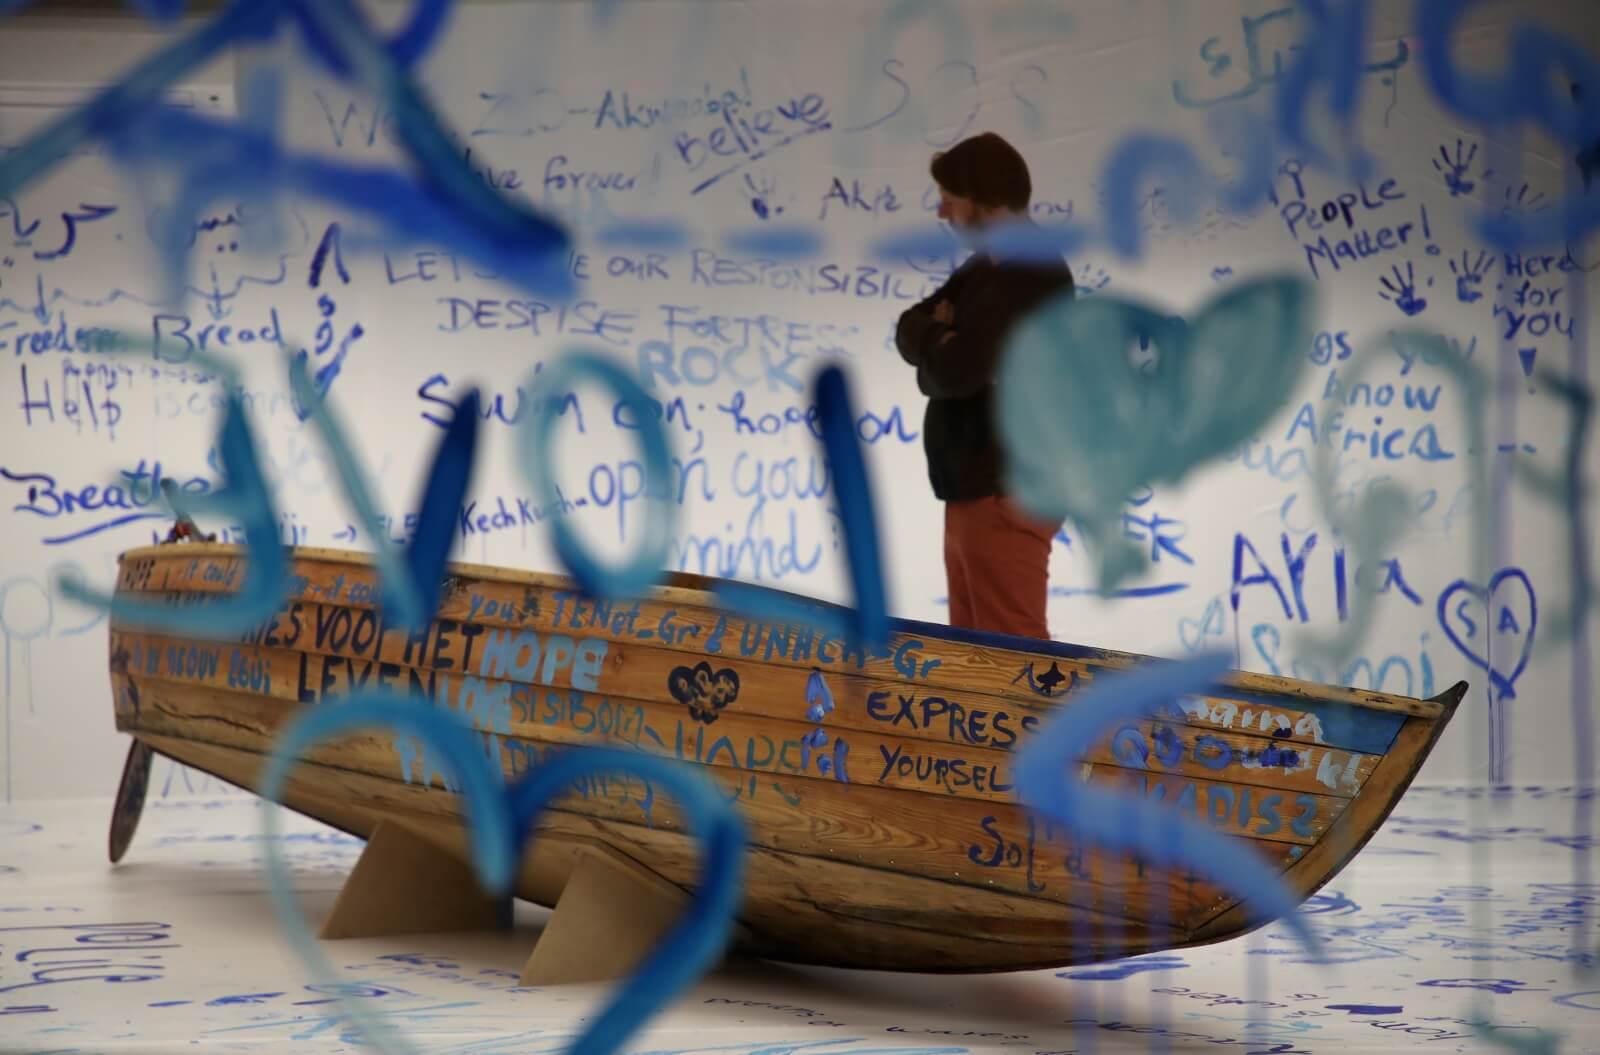 Wystawa ku pamięci uchodźców fot. EPA/FRIEDEMANN VOGEL